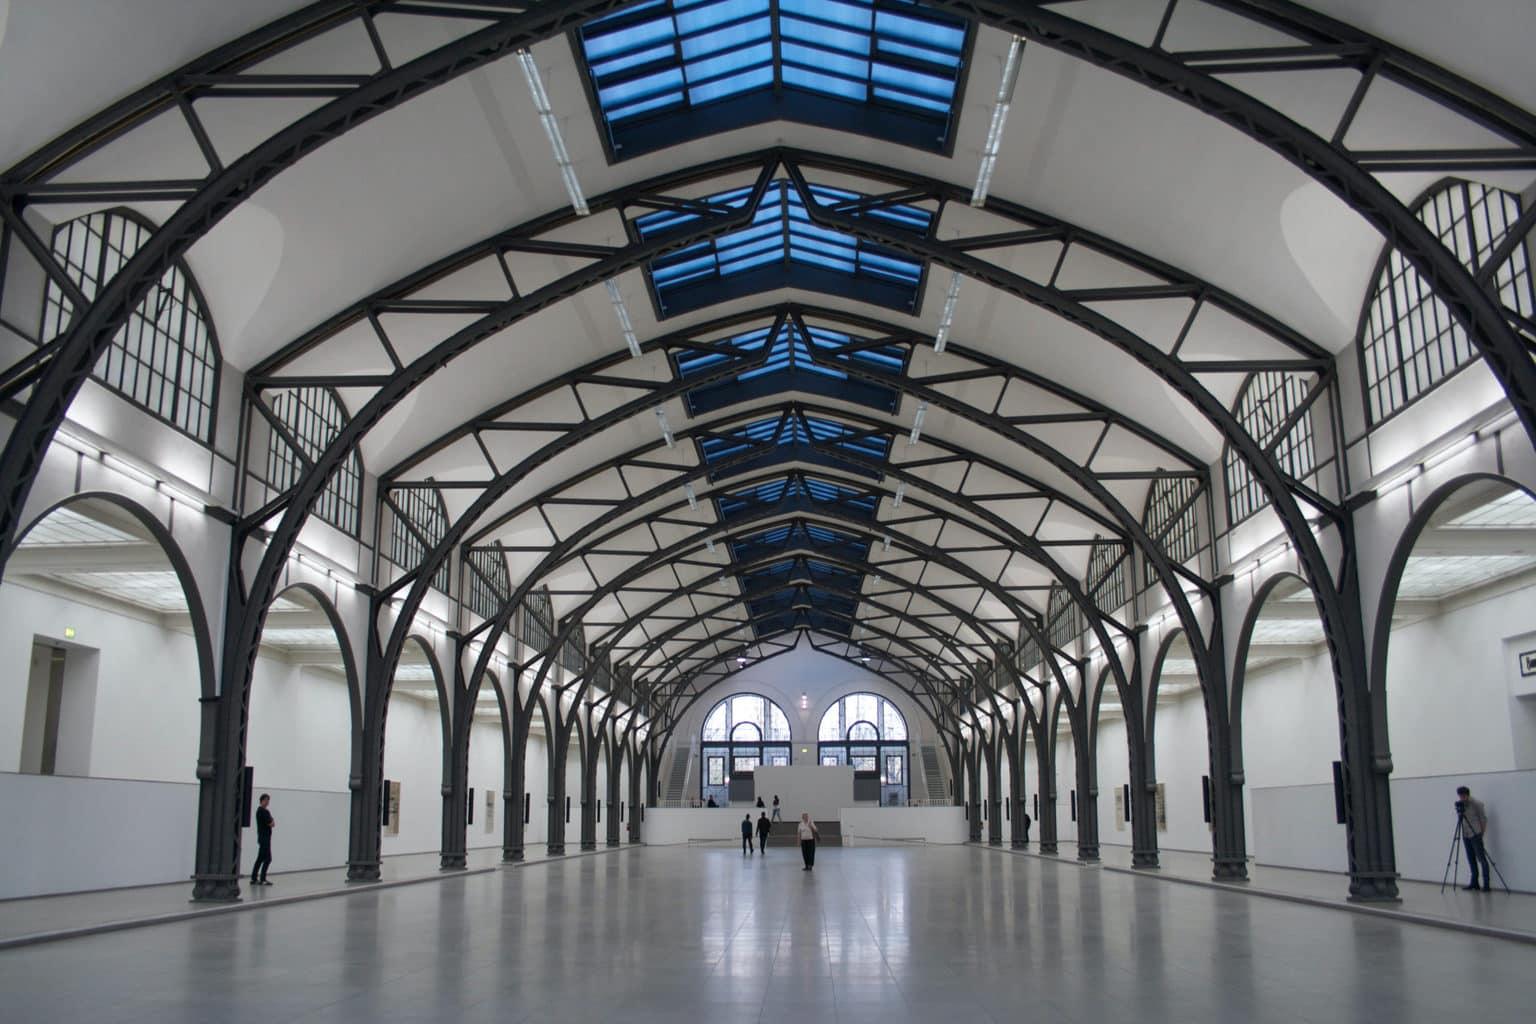 Her Museum Hamburger Bahnhof Museum voor hedendaagse kunst in Berlijn